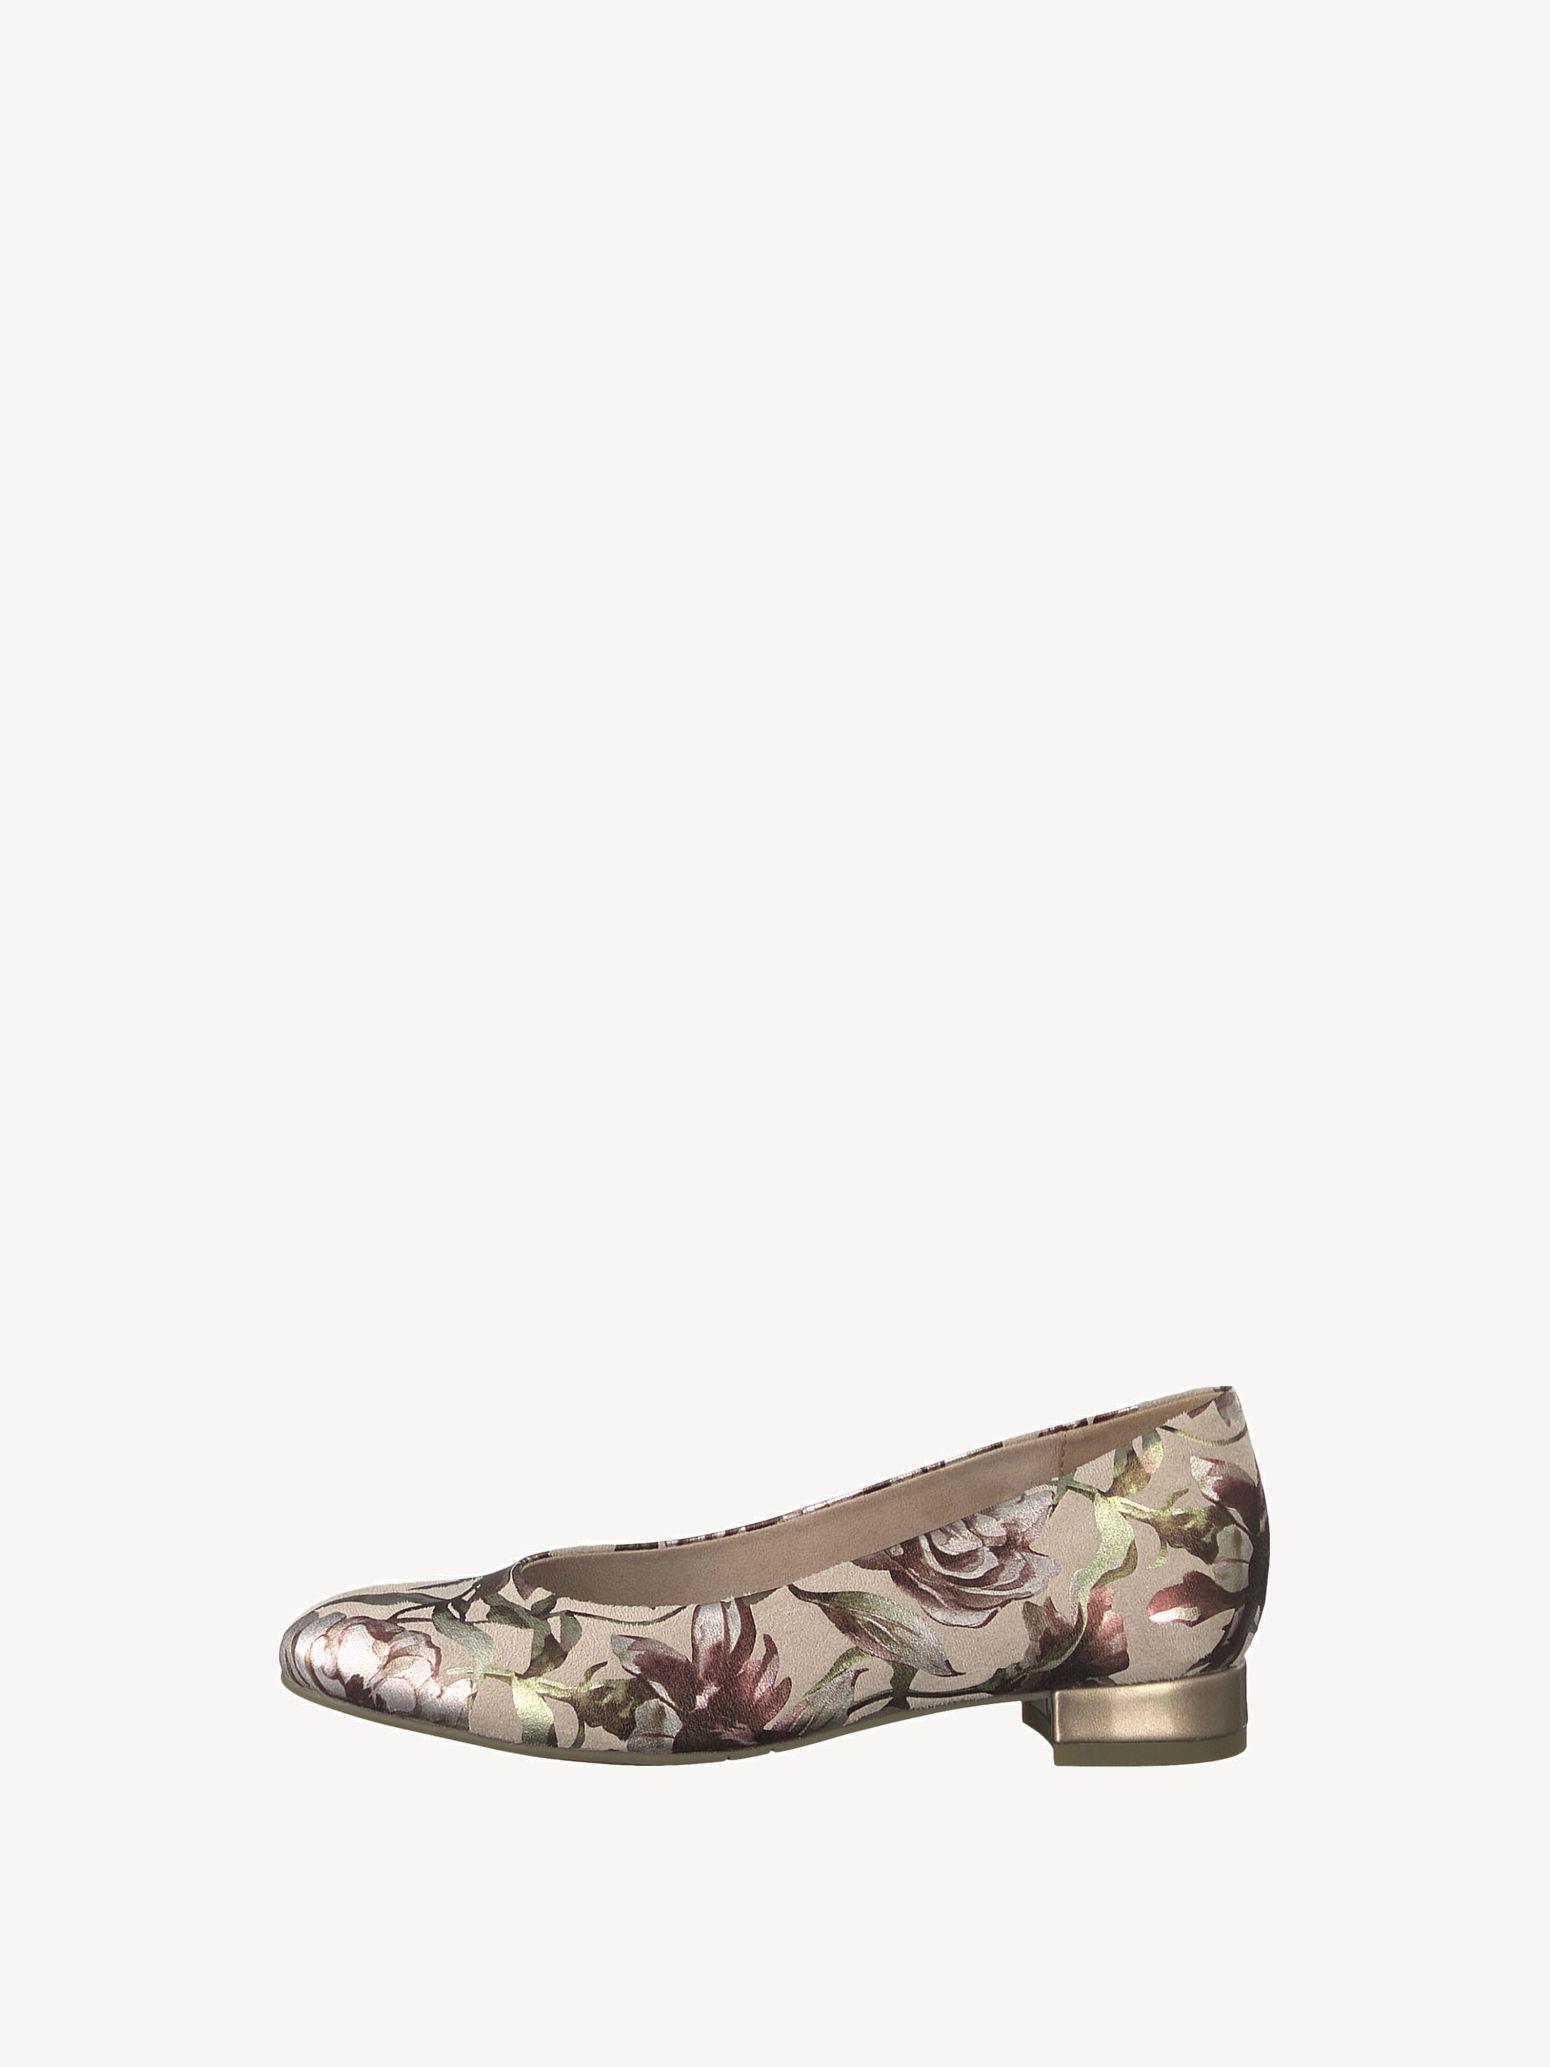 Tamaris Ballerinas online kaufen bei ABOUT YOU